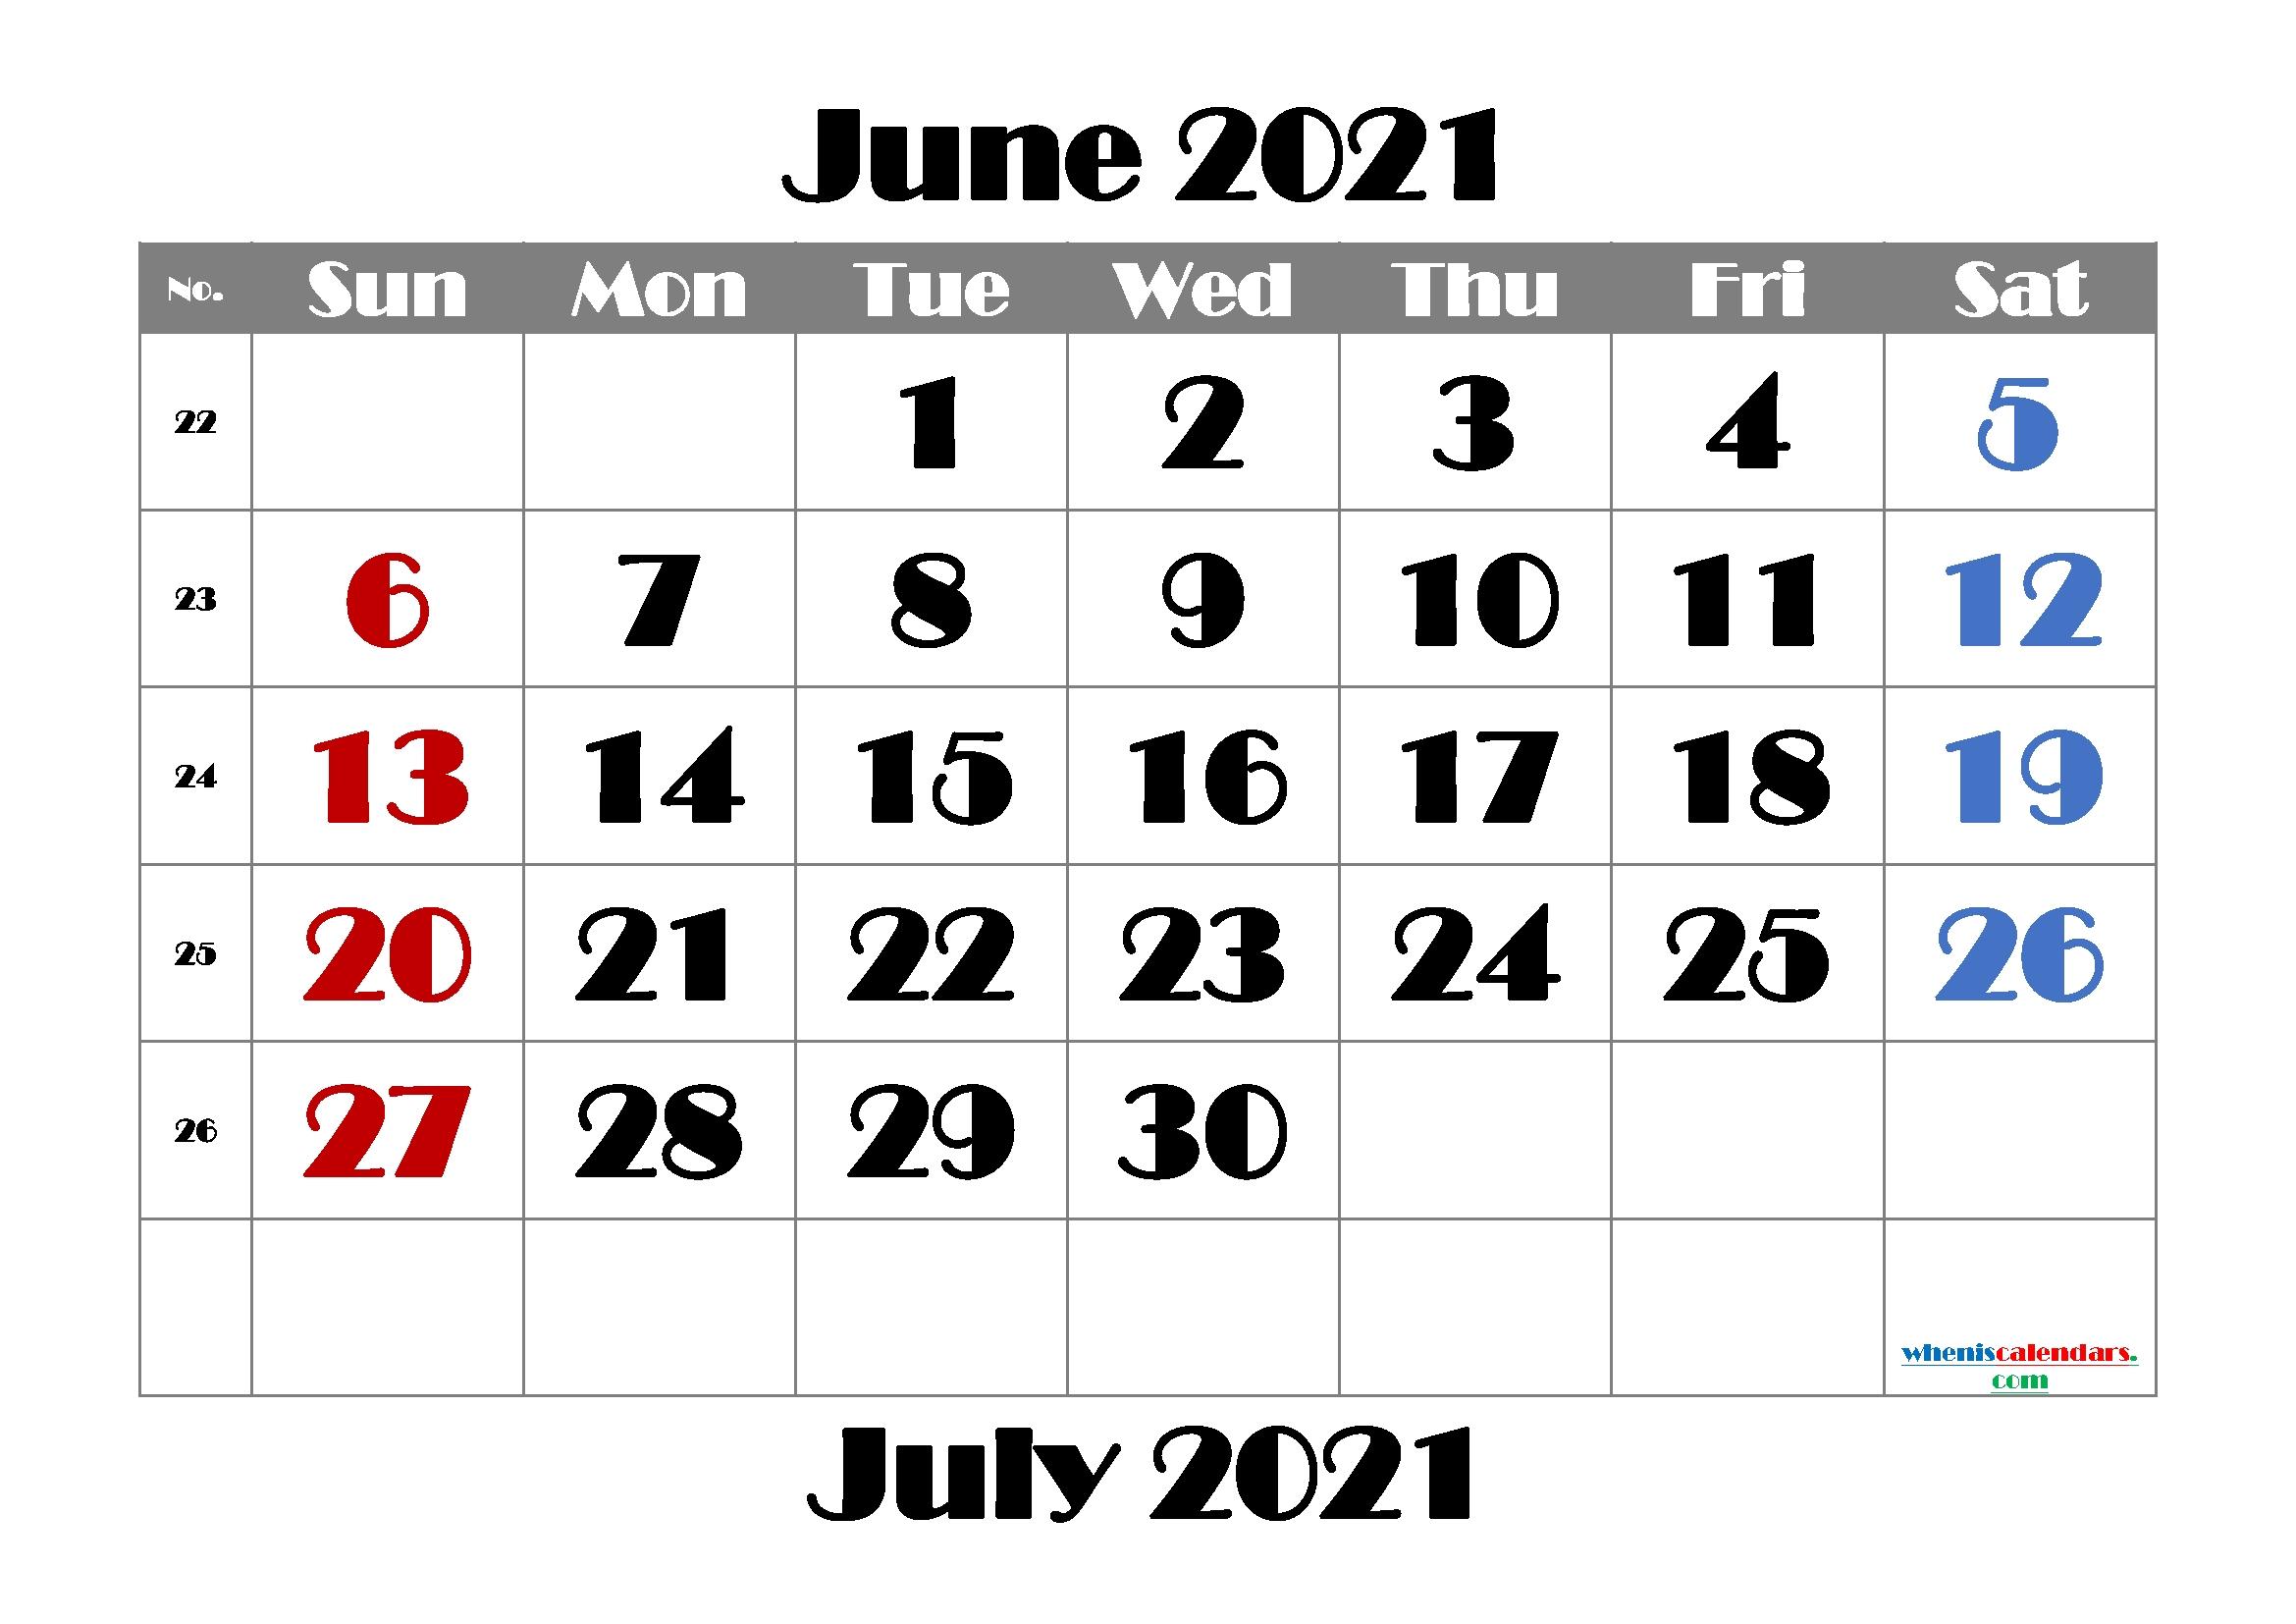 Free Printable June 2021 Calendar   Template M21Broadway1 June 2021 Calendar Printable